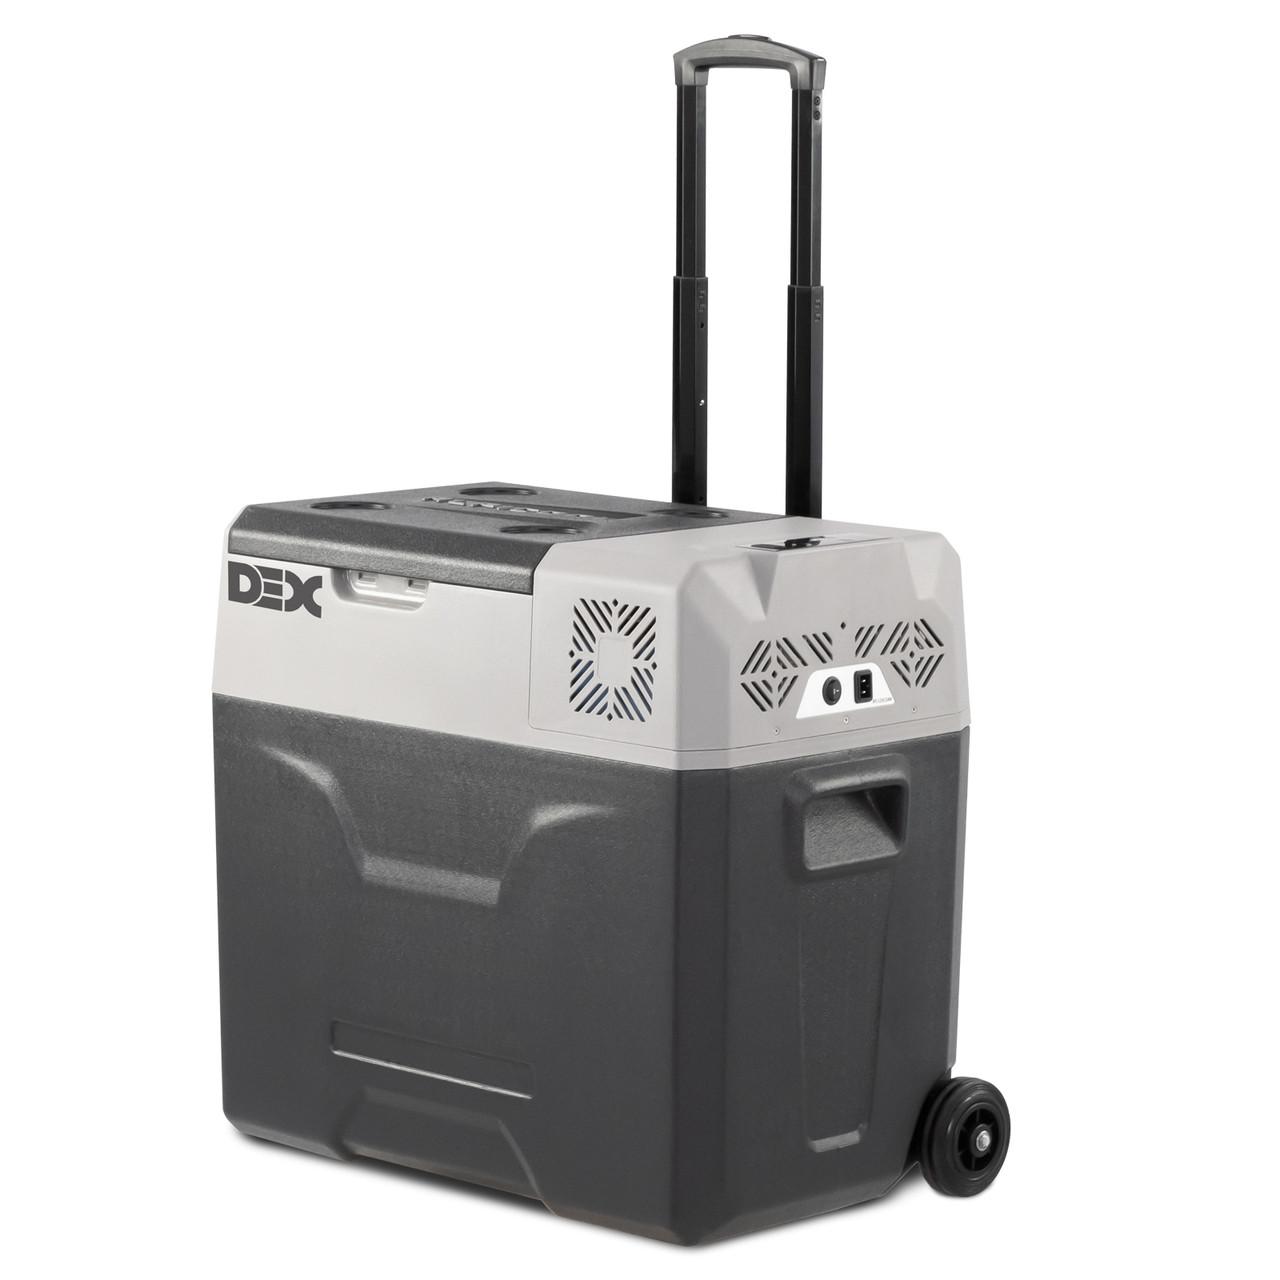 Холодильник-морозильник DEX CX-50